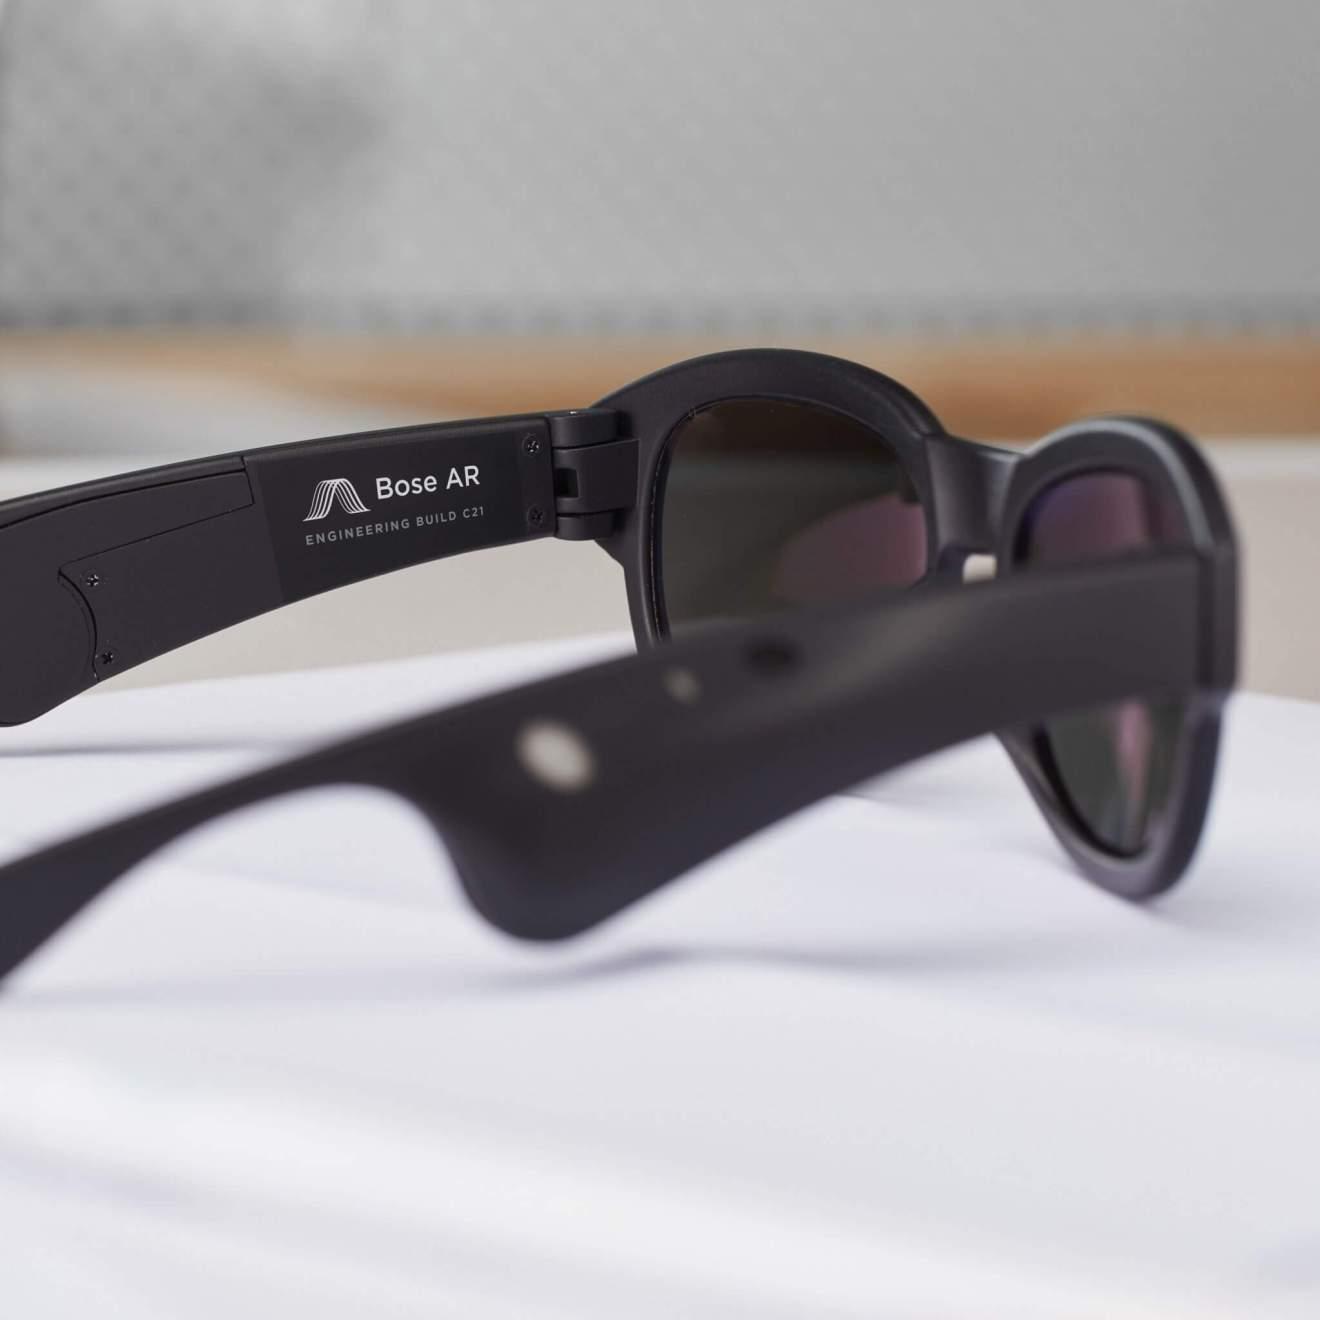 Bose AR Prototype Glasses 1 - Óculos inteligentes permitem controlar a música com movimentos da cabeça